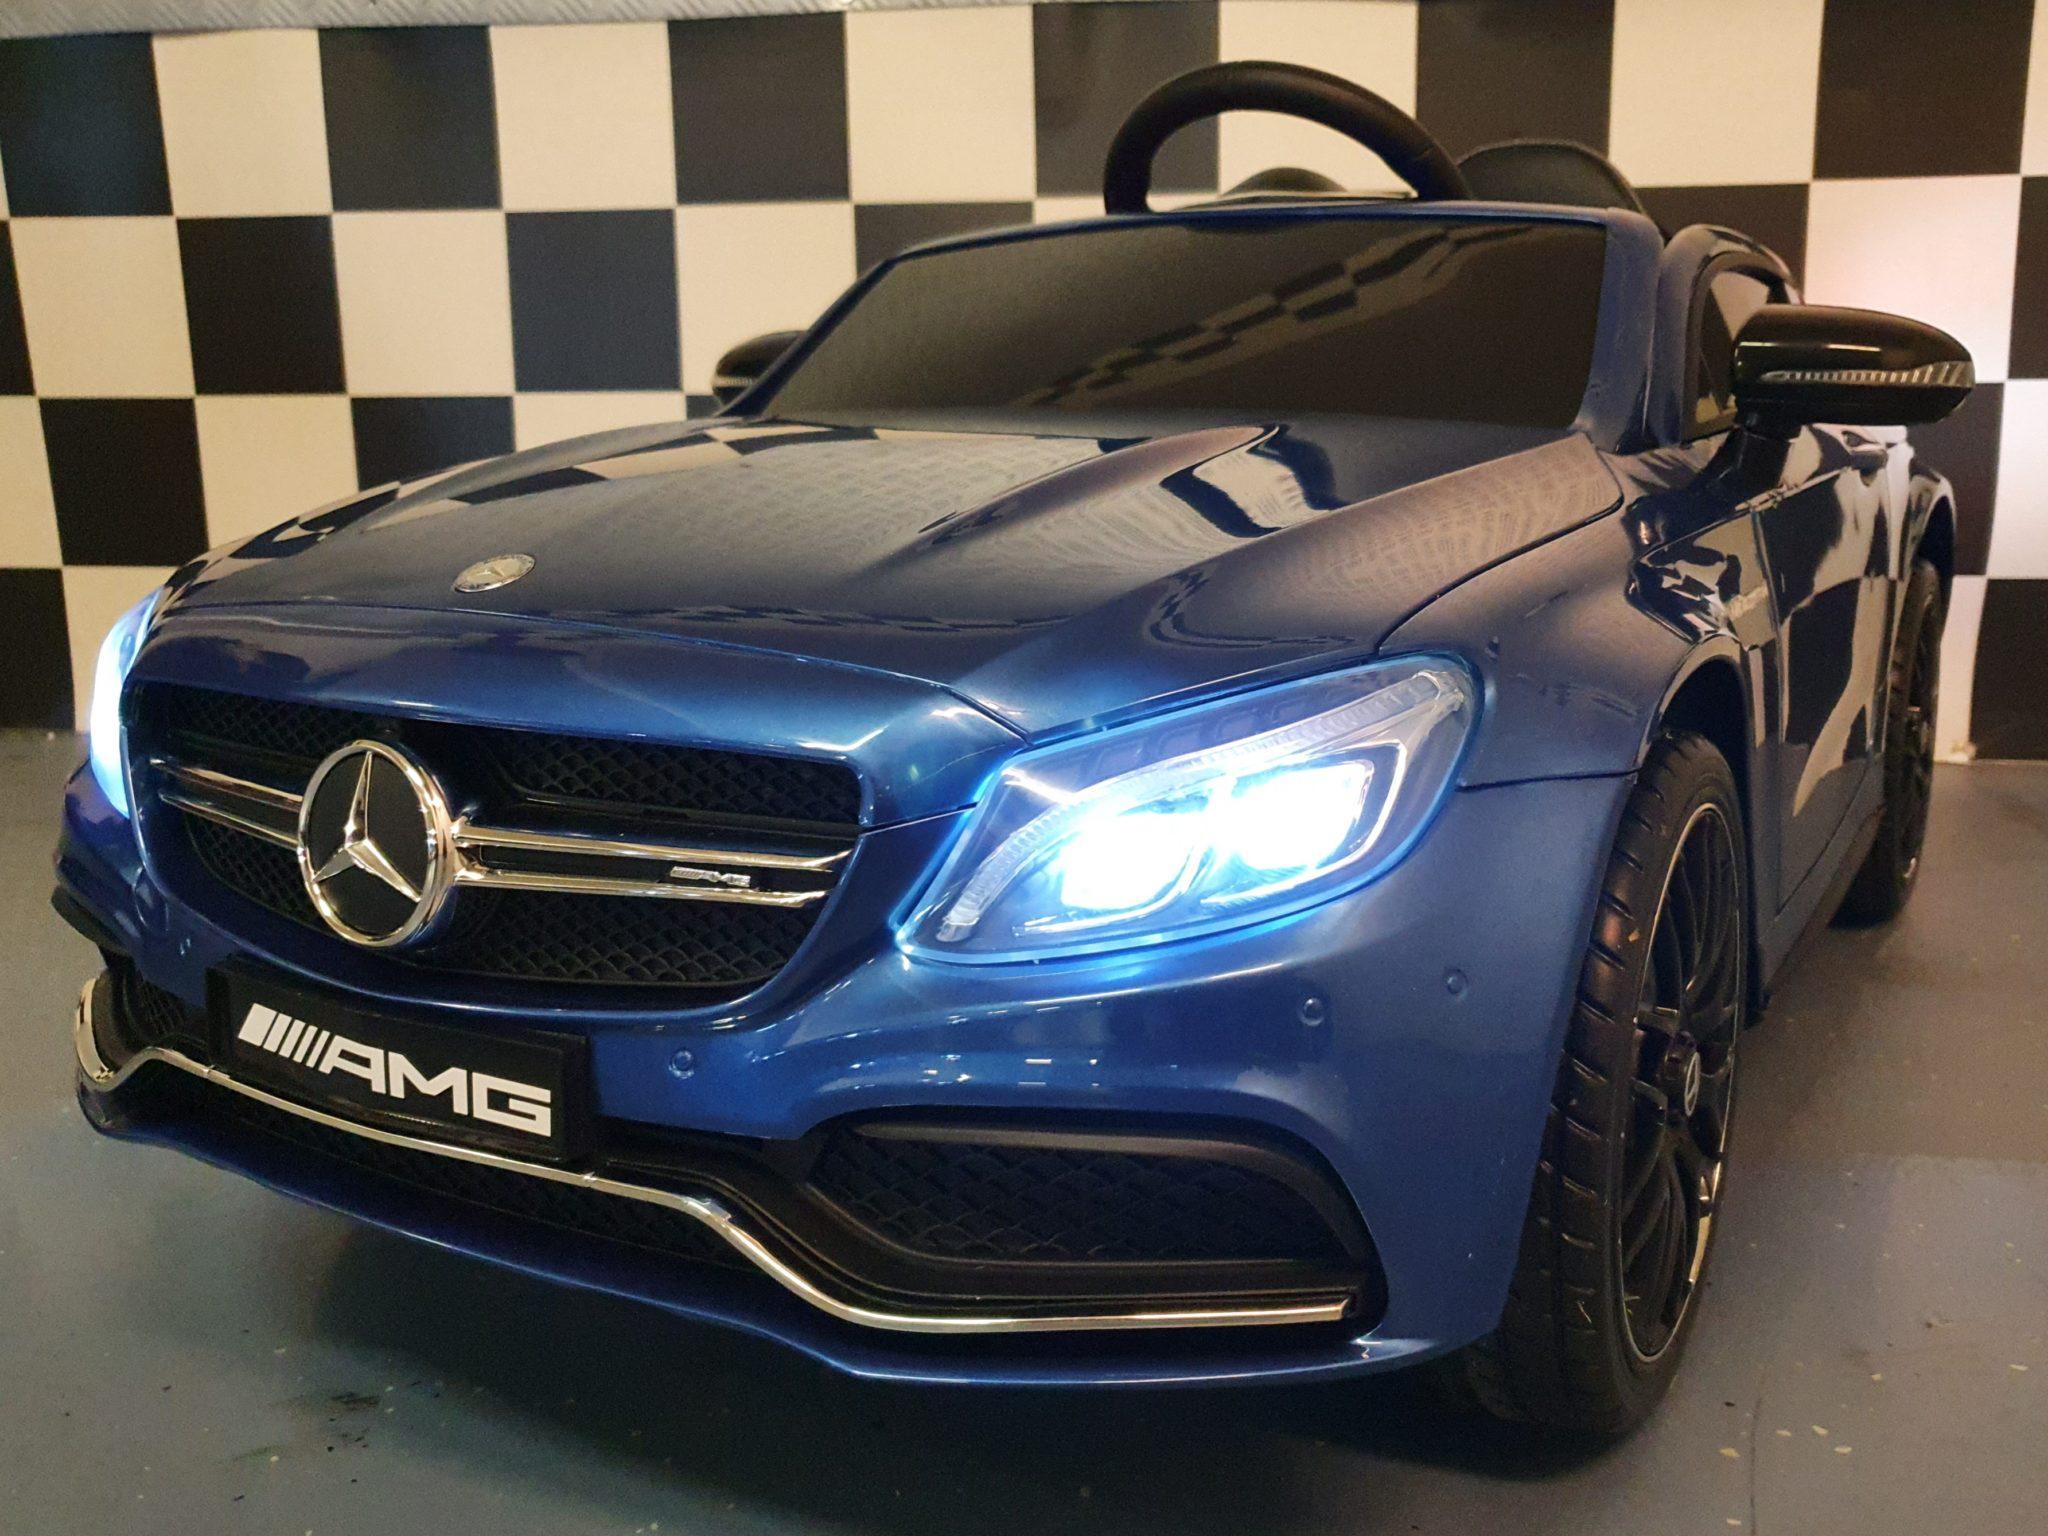 Elektrische speelgoedauto Mercedes C63 12 volt, 2.4G afstandbediening Metallic blauw